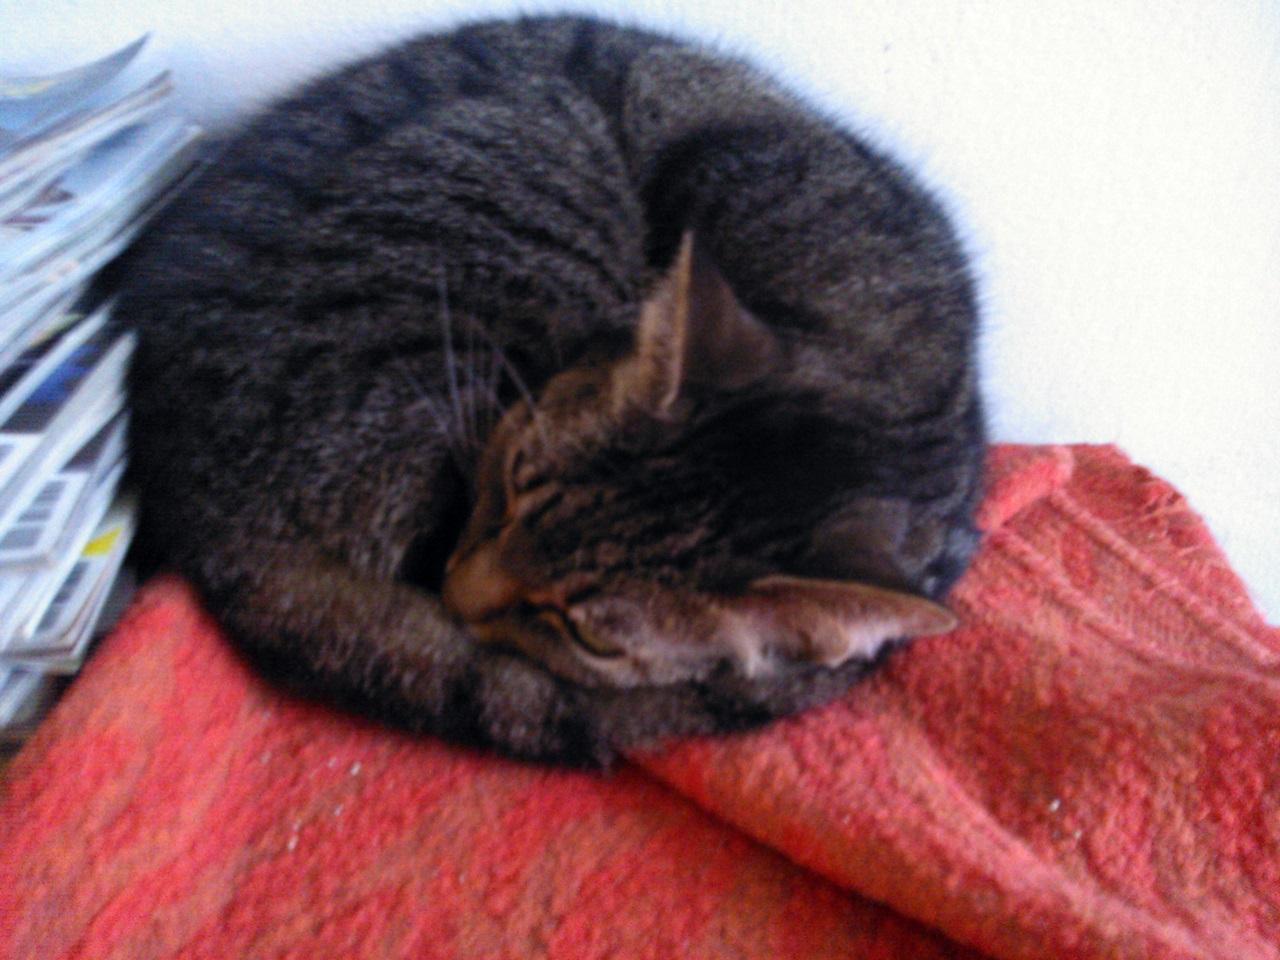 Kemi nyugodtan alszik a közelemben